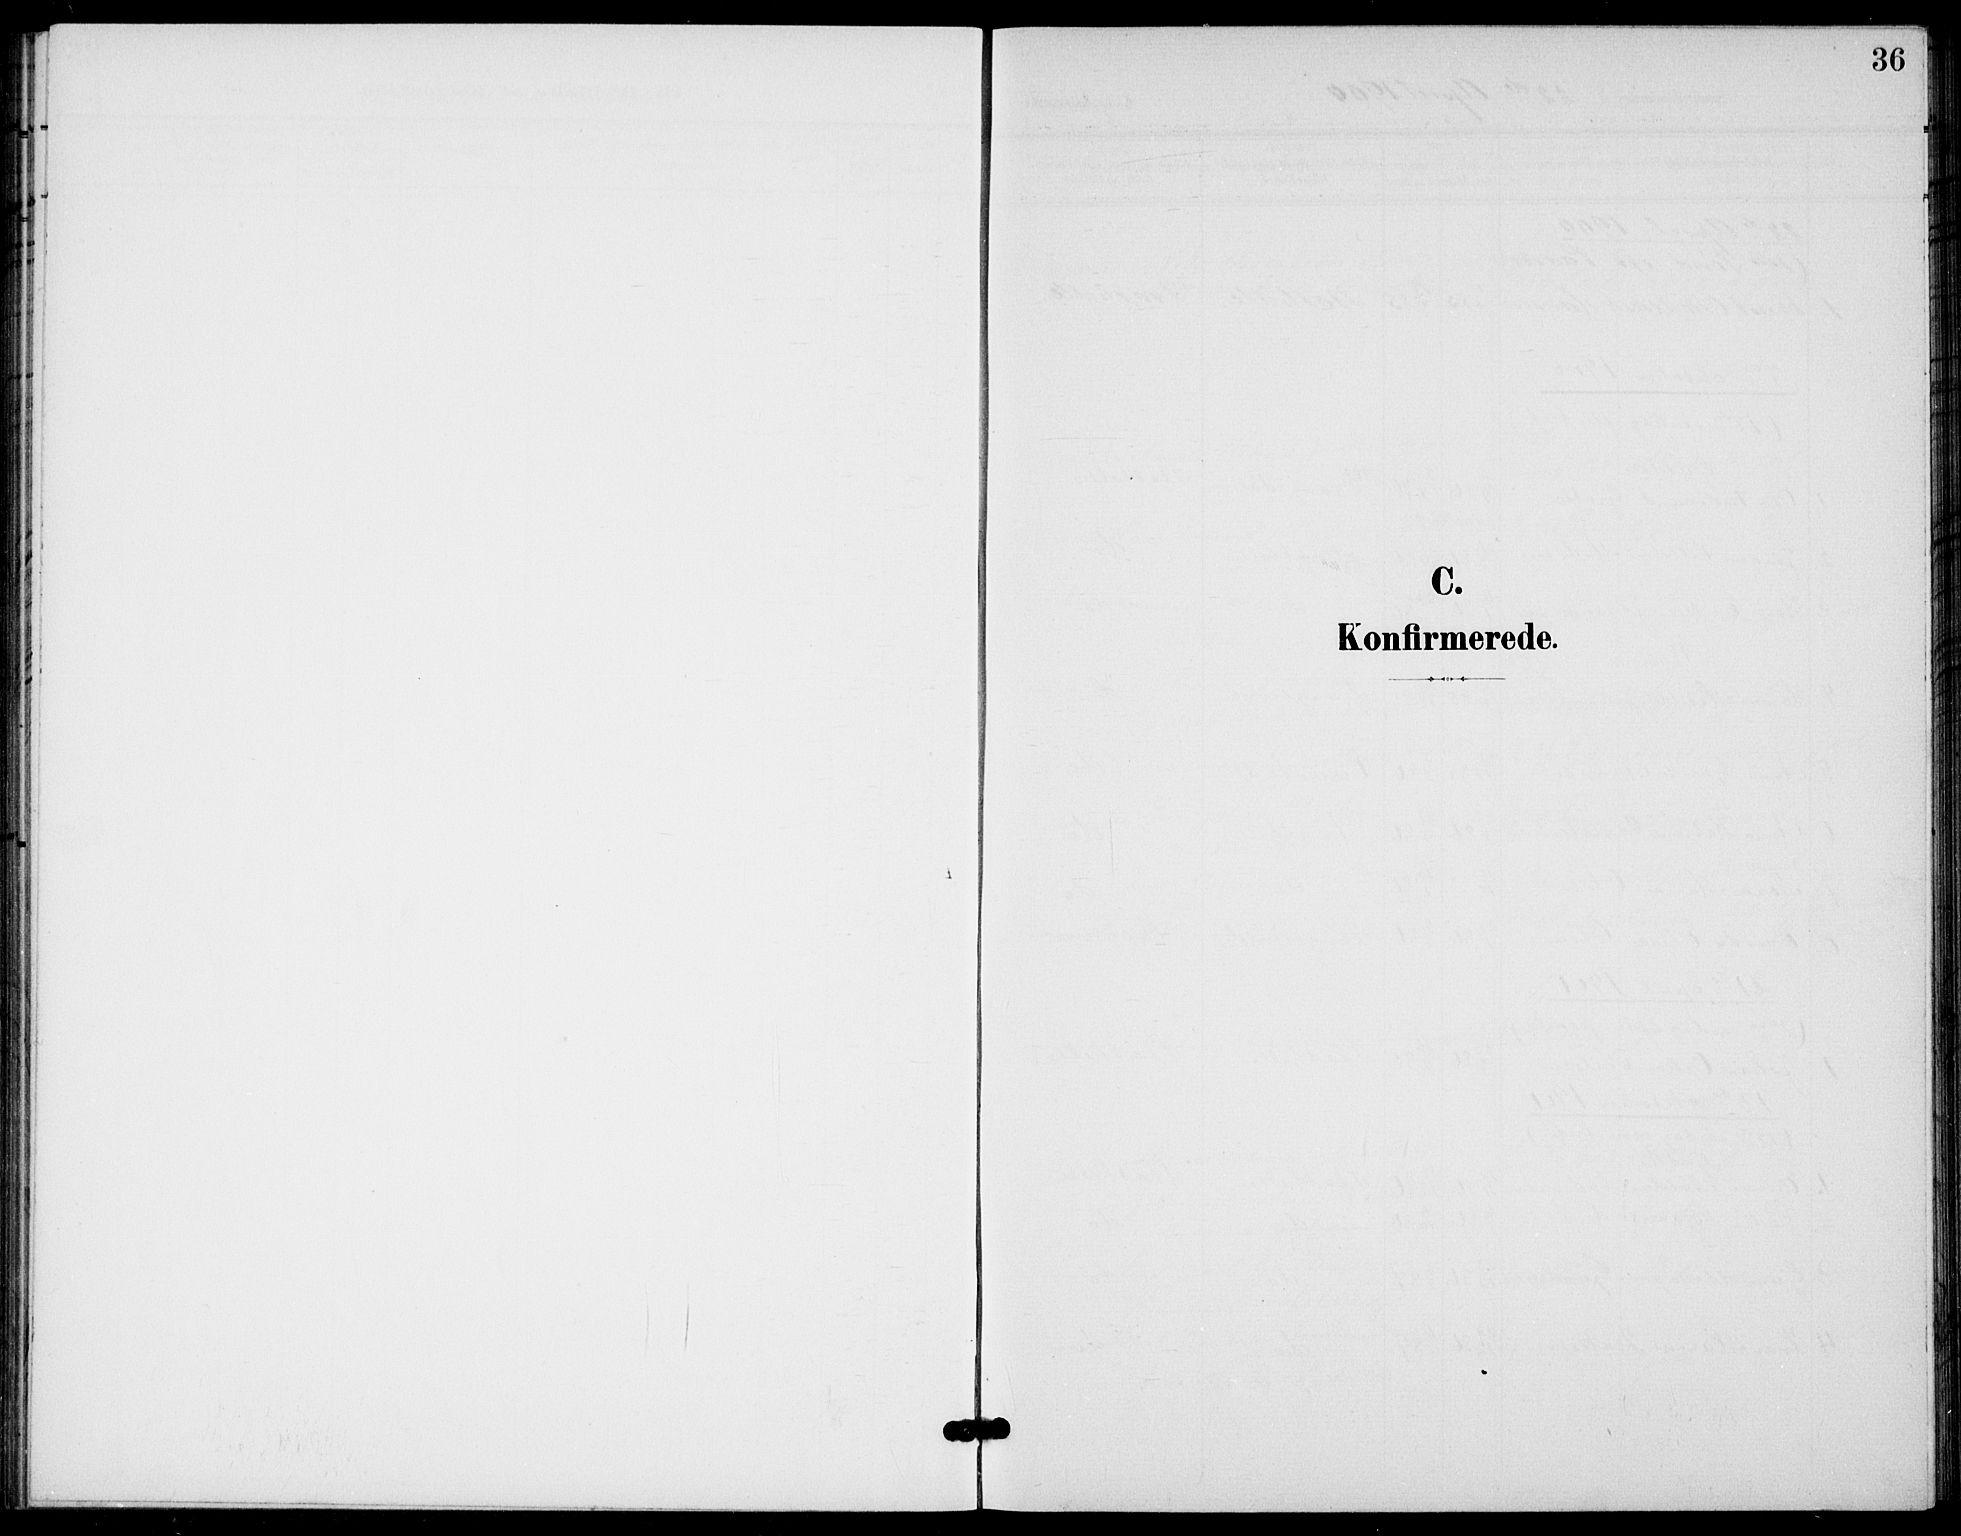 SAKO, Bamble kirkebøker, G/Gb/L0002: Klokkerbok nr. II 2, 1900-1925, s. 36